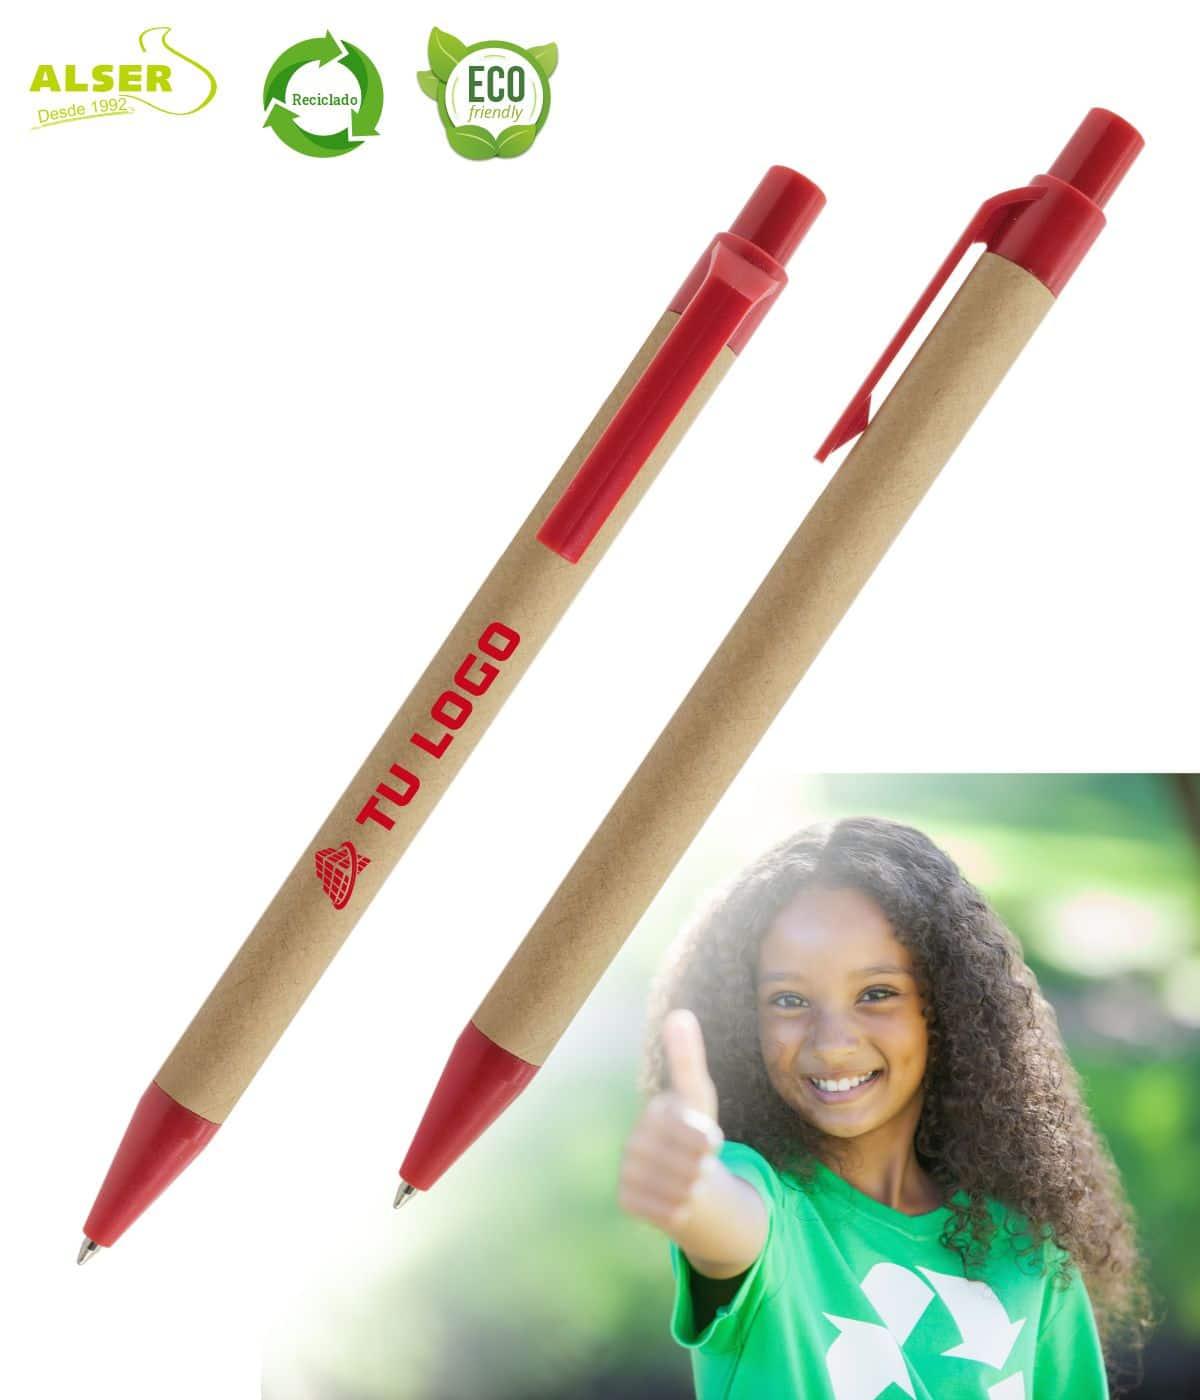 Bolígrafo de carton reciclado Rojo